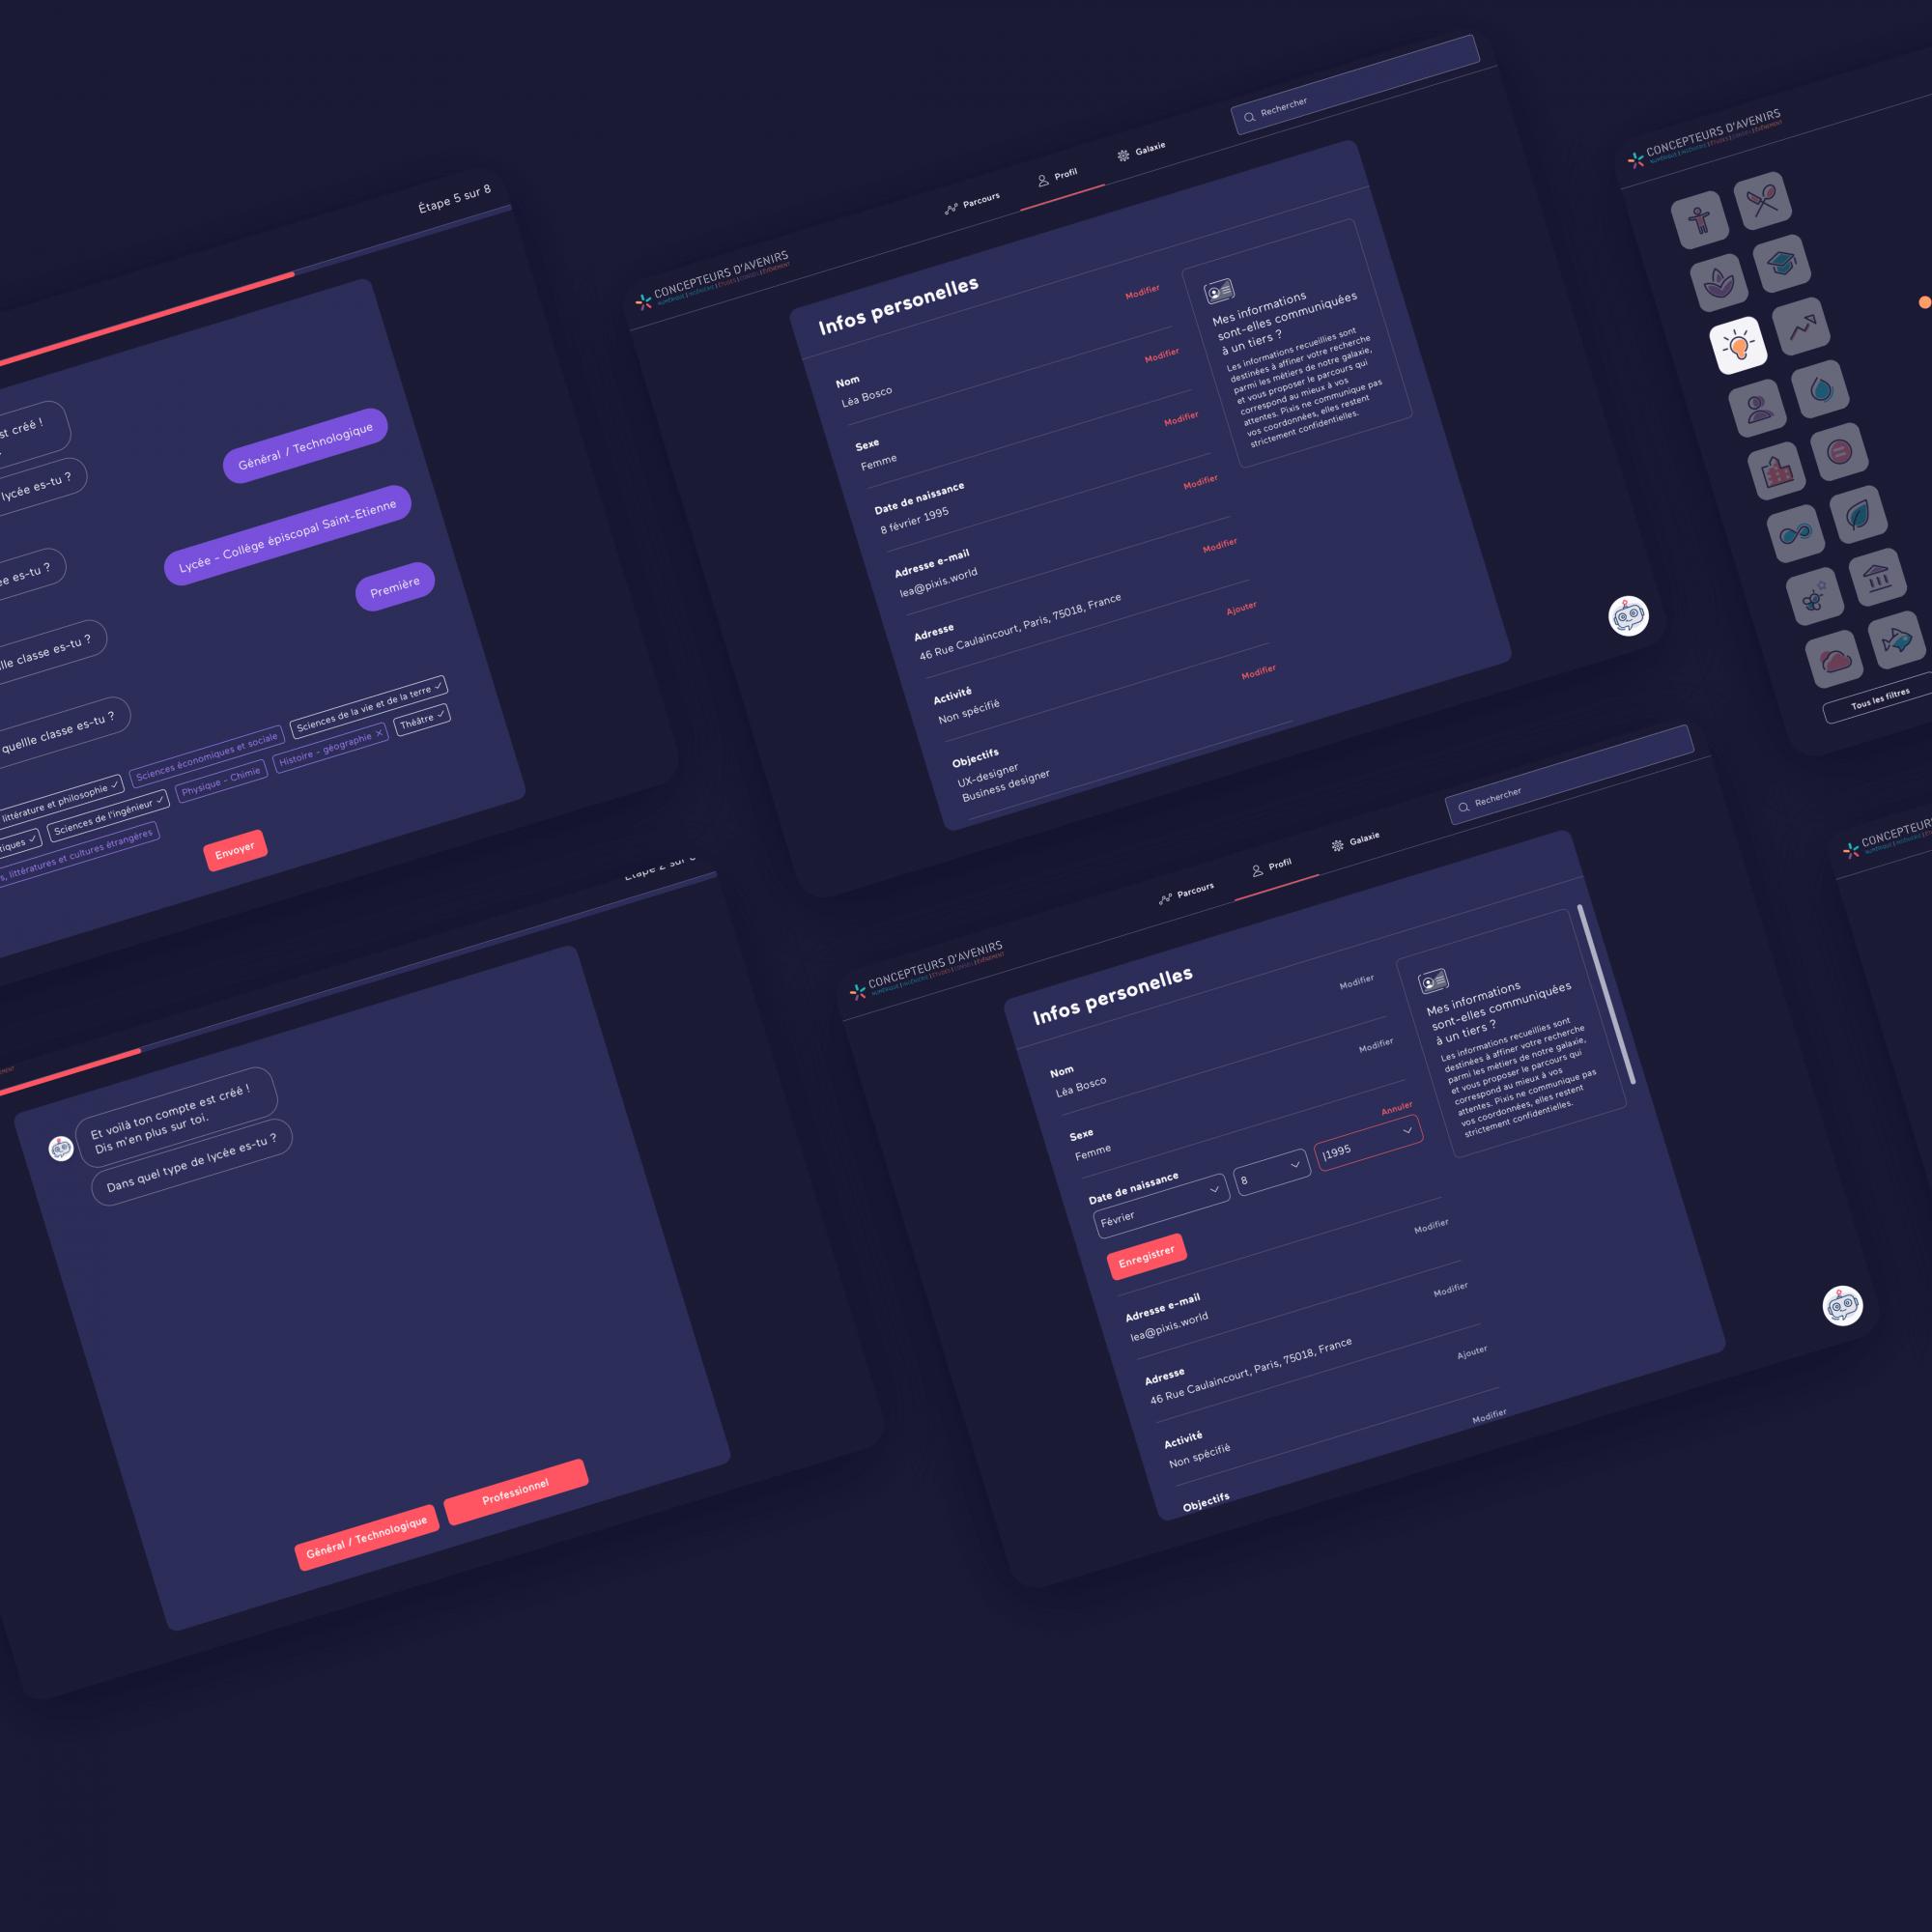 dianeben-design-pixis-project-thumbnail